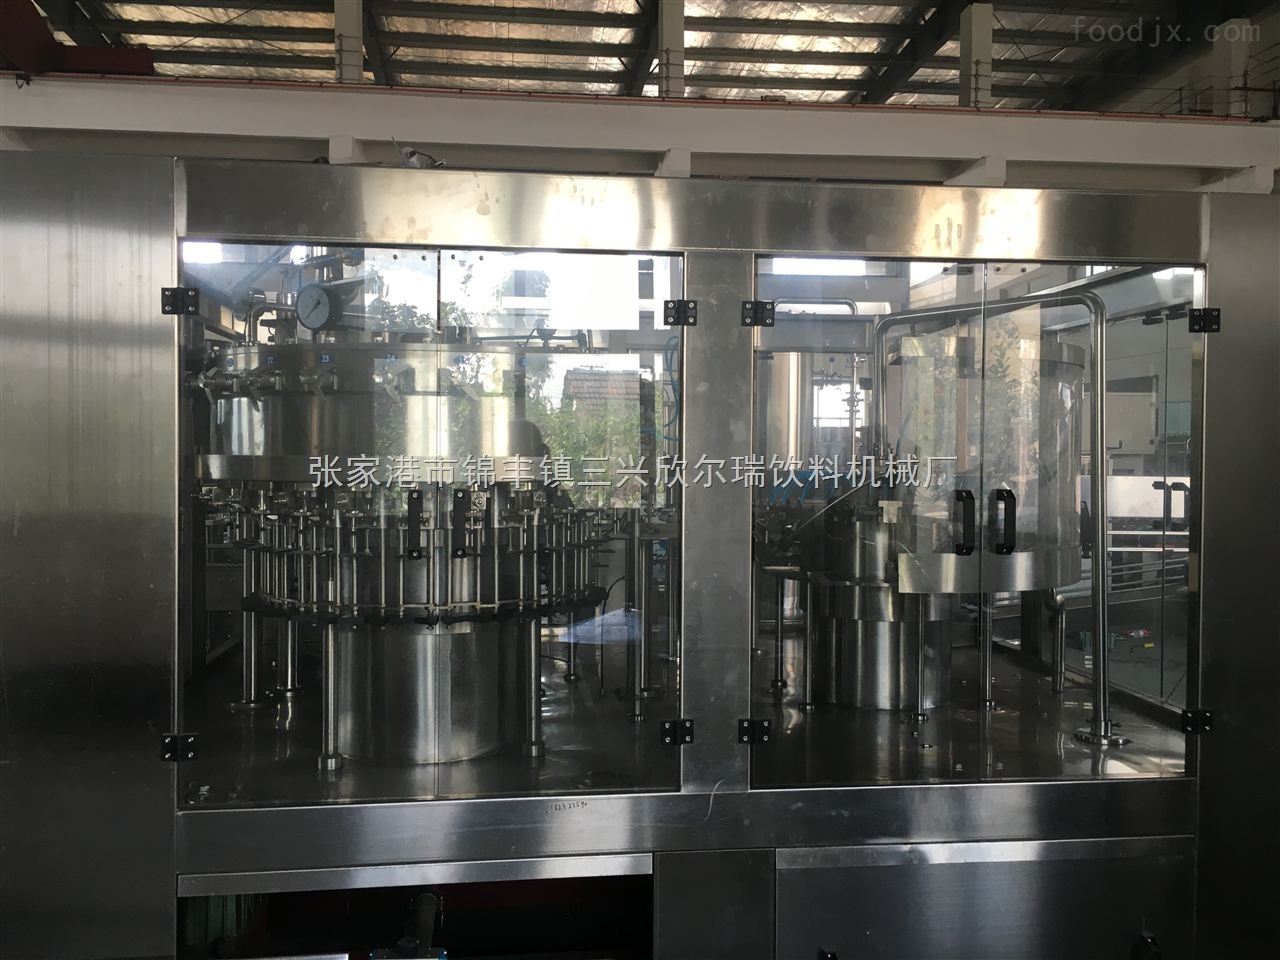 灌装机瓶装水全套生产设备